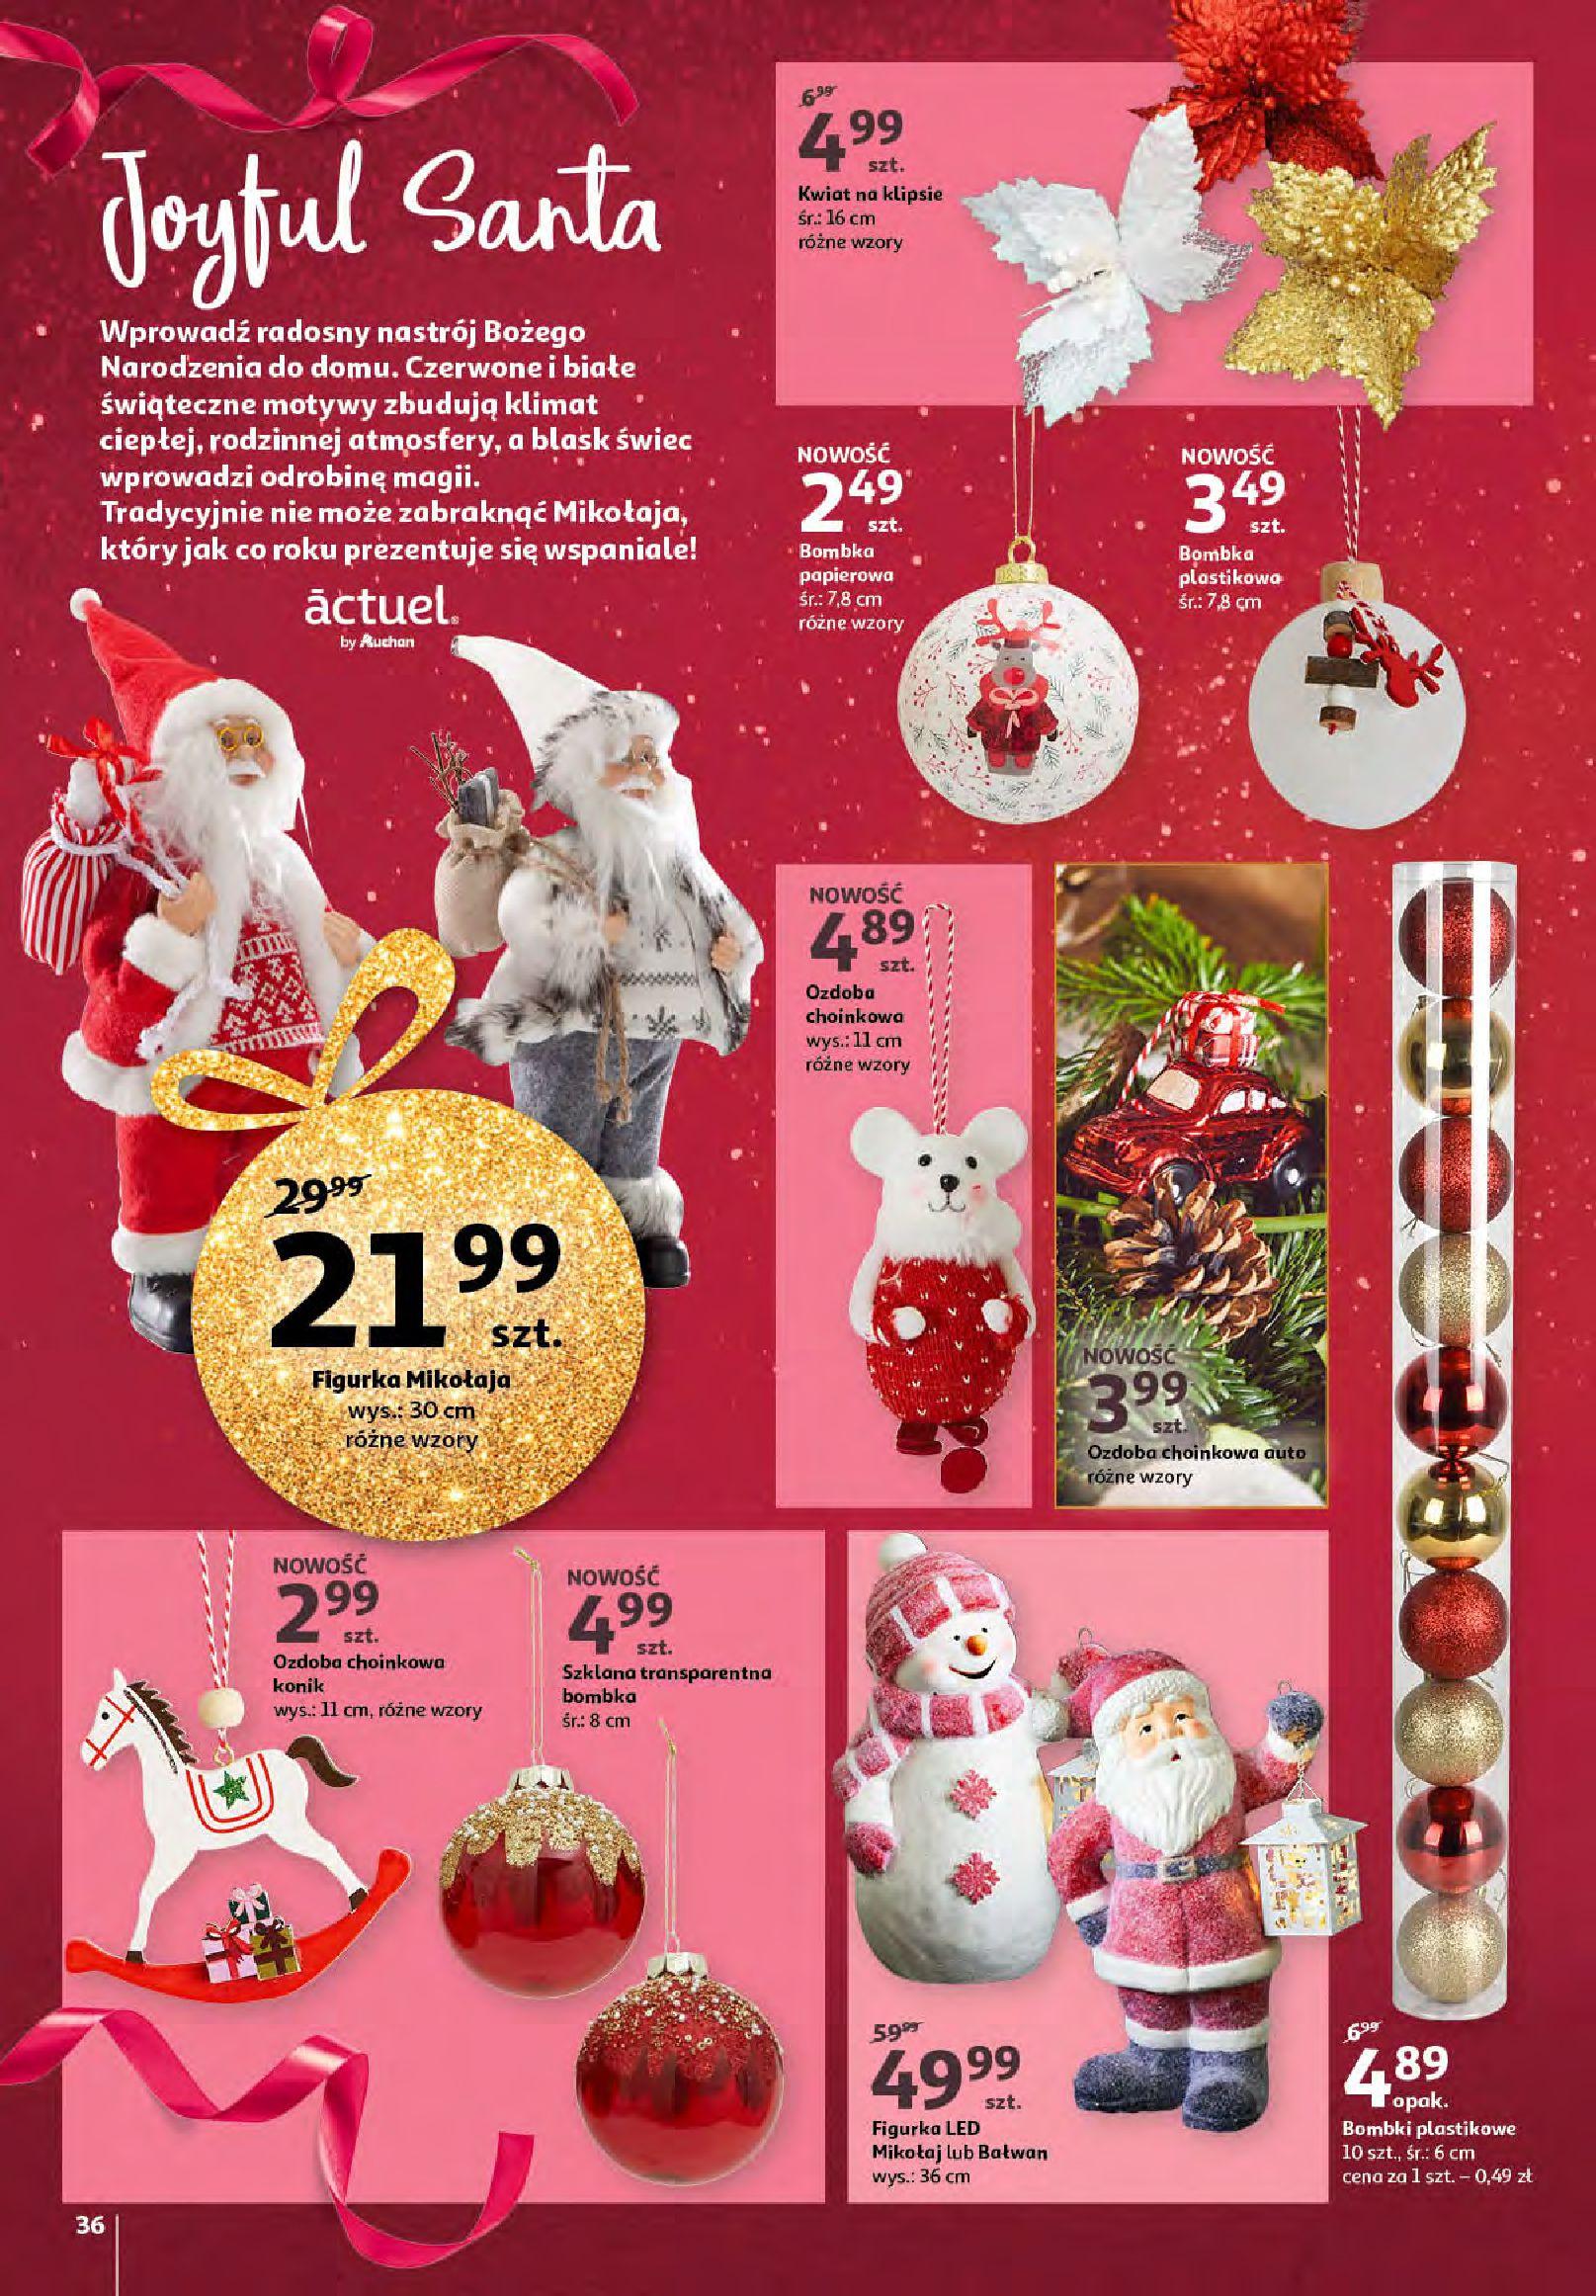 Gazetka Auchan - Magia zabawek i świątecznych ozdób-11.11.2020-25.11.2020-page-36